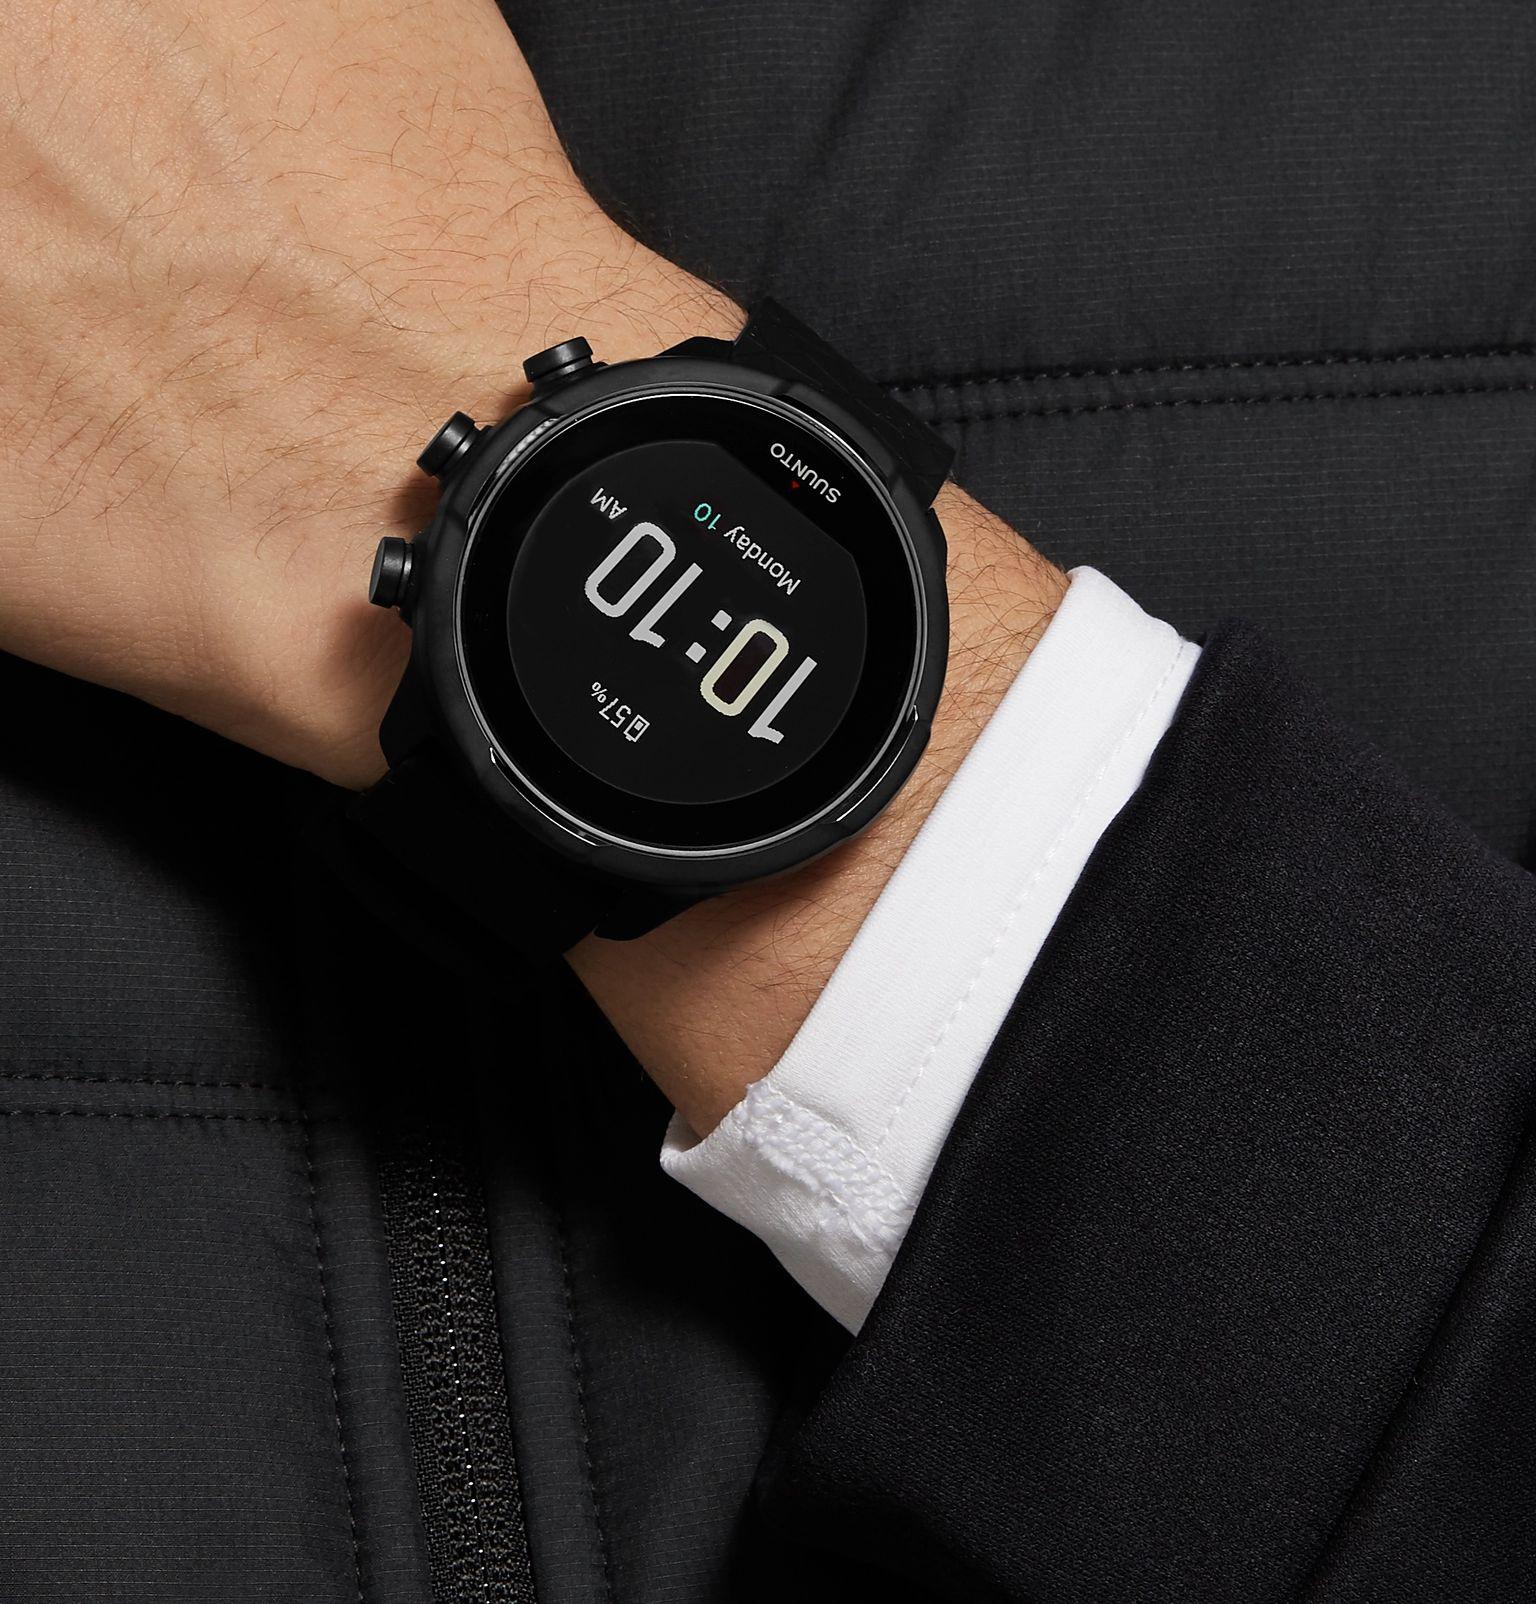 Każdy musi przemyśleć czy na pewno chce kupić smartwatch